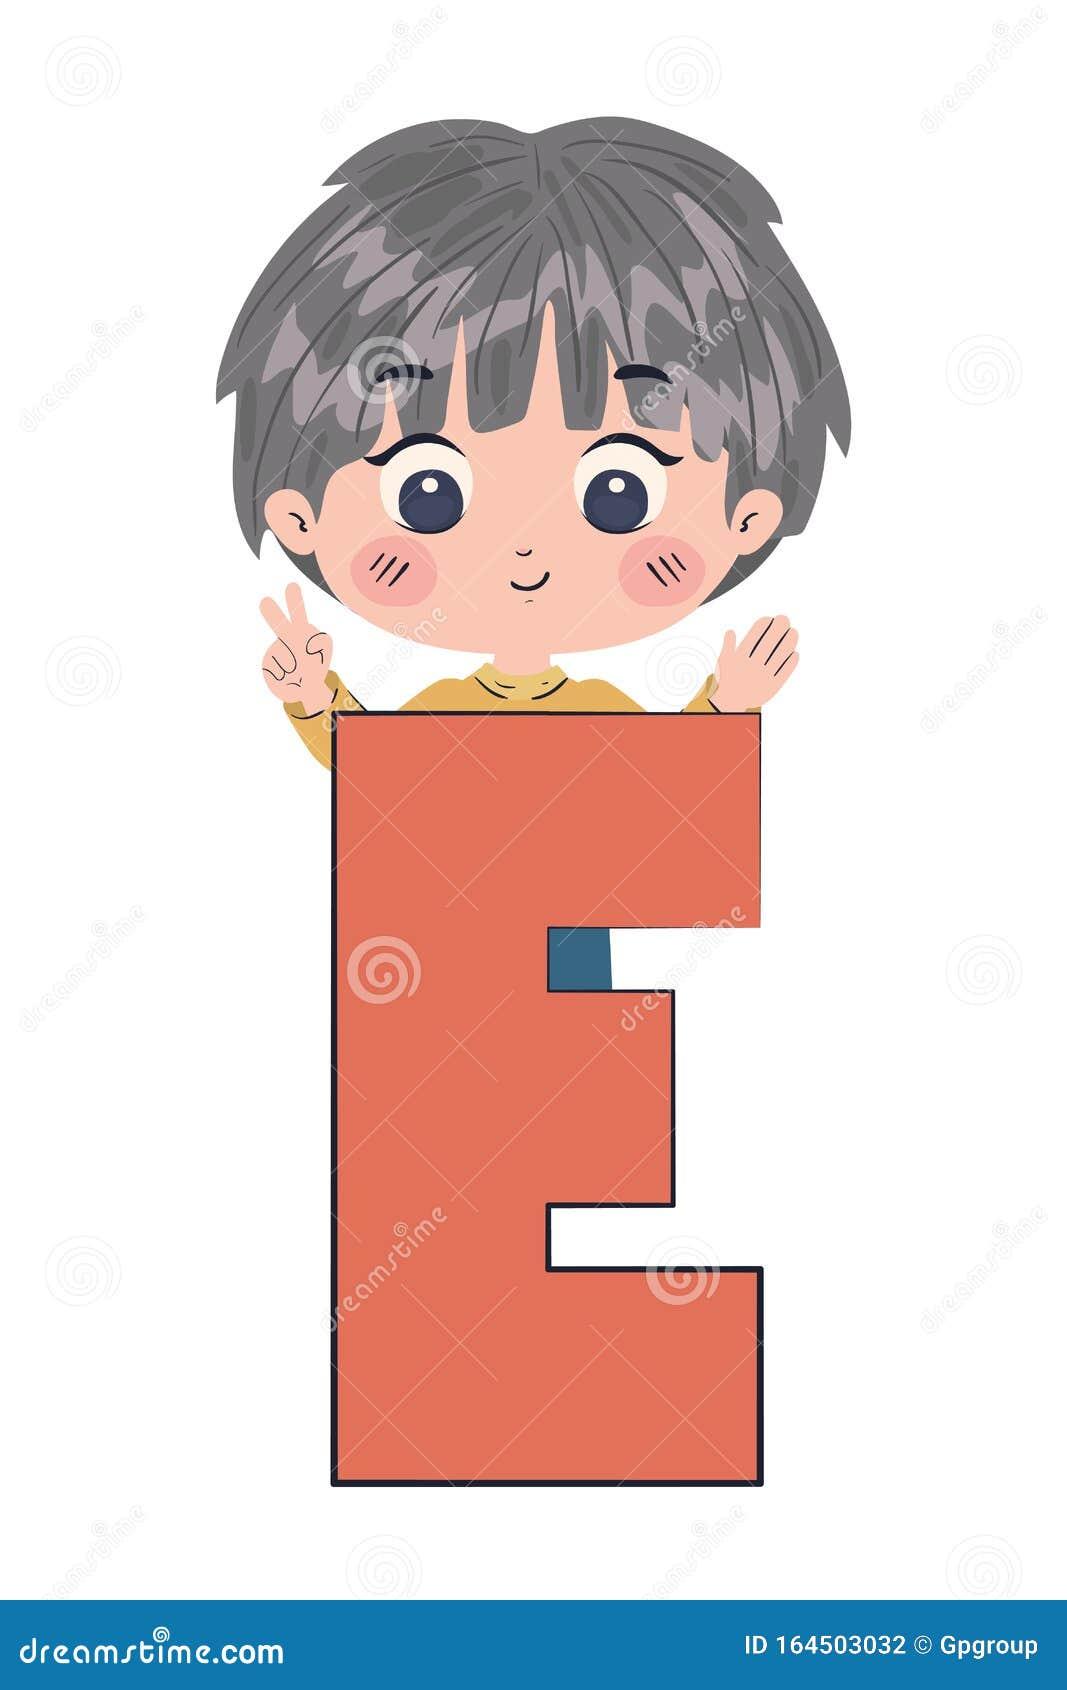 boy cartoon mit alphabetbuchstaben vektordesign vektor